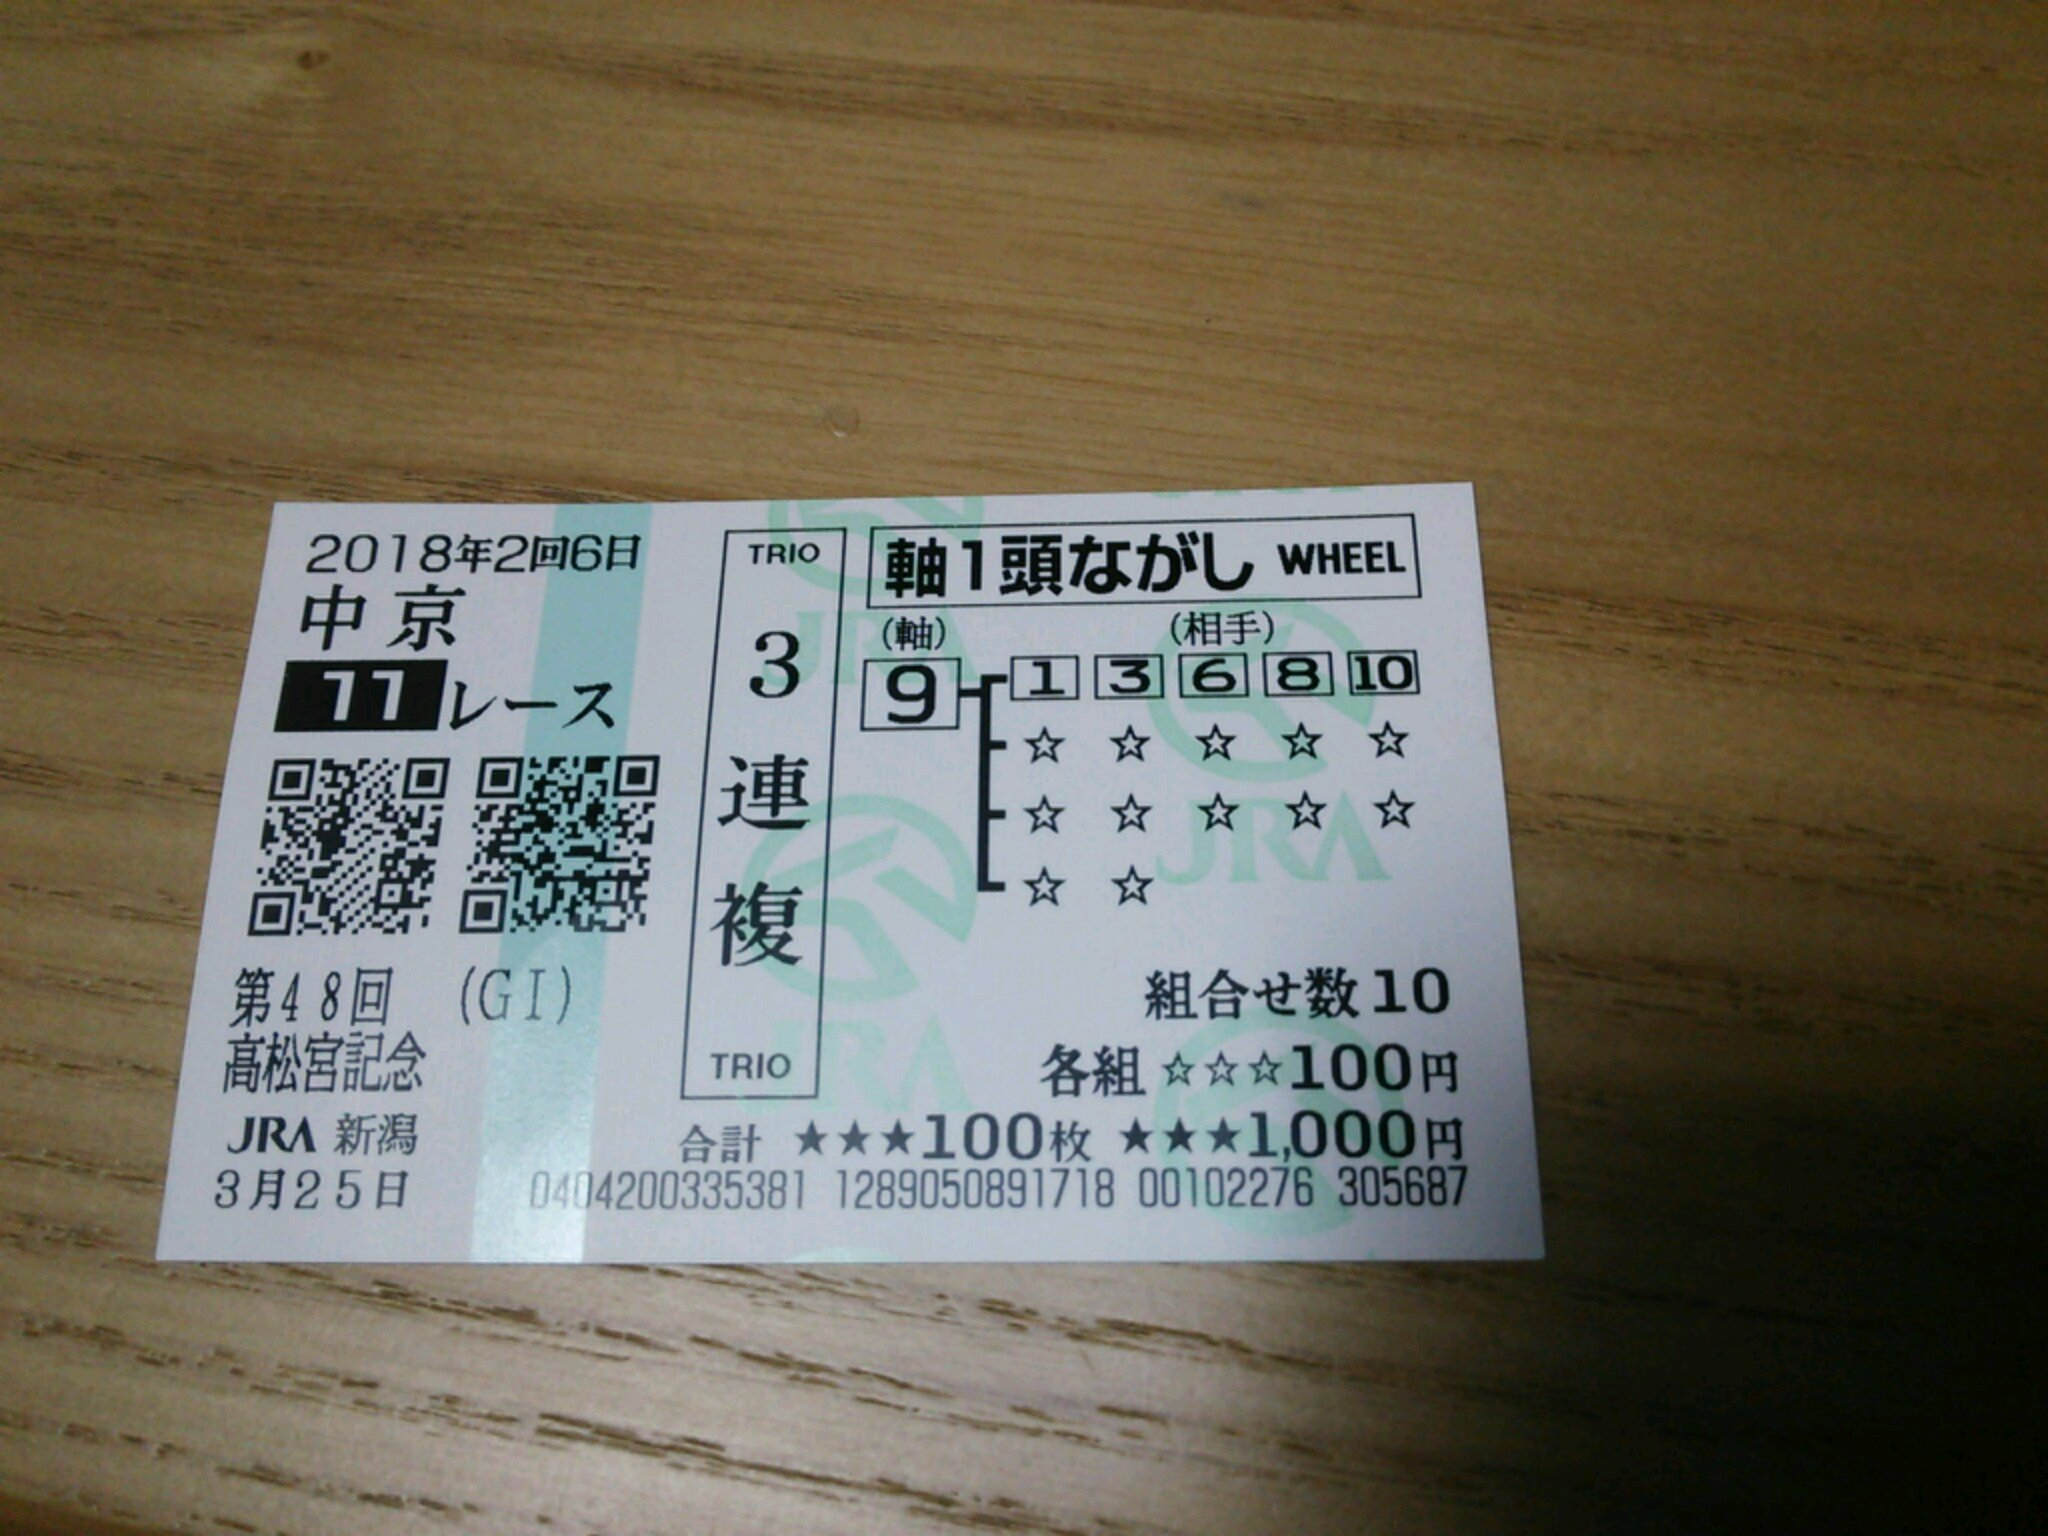 高松宮記念&大阪杯両G1この馬券に泣く